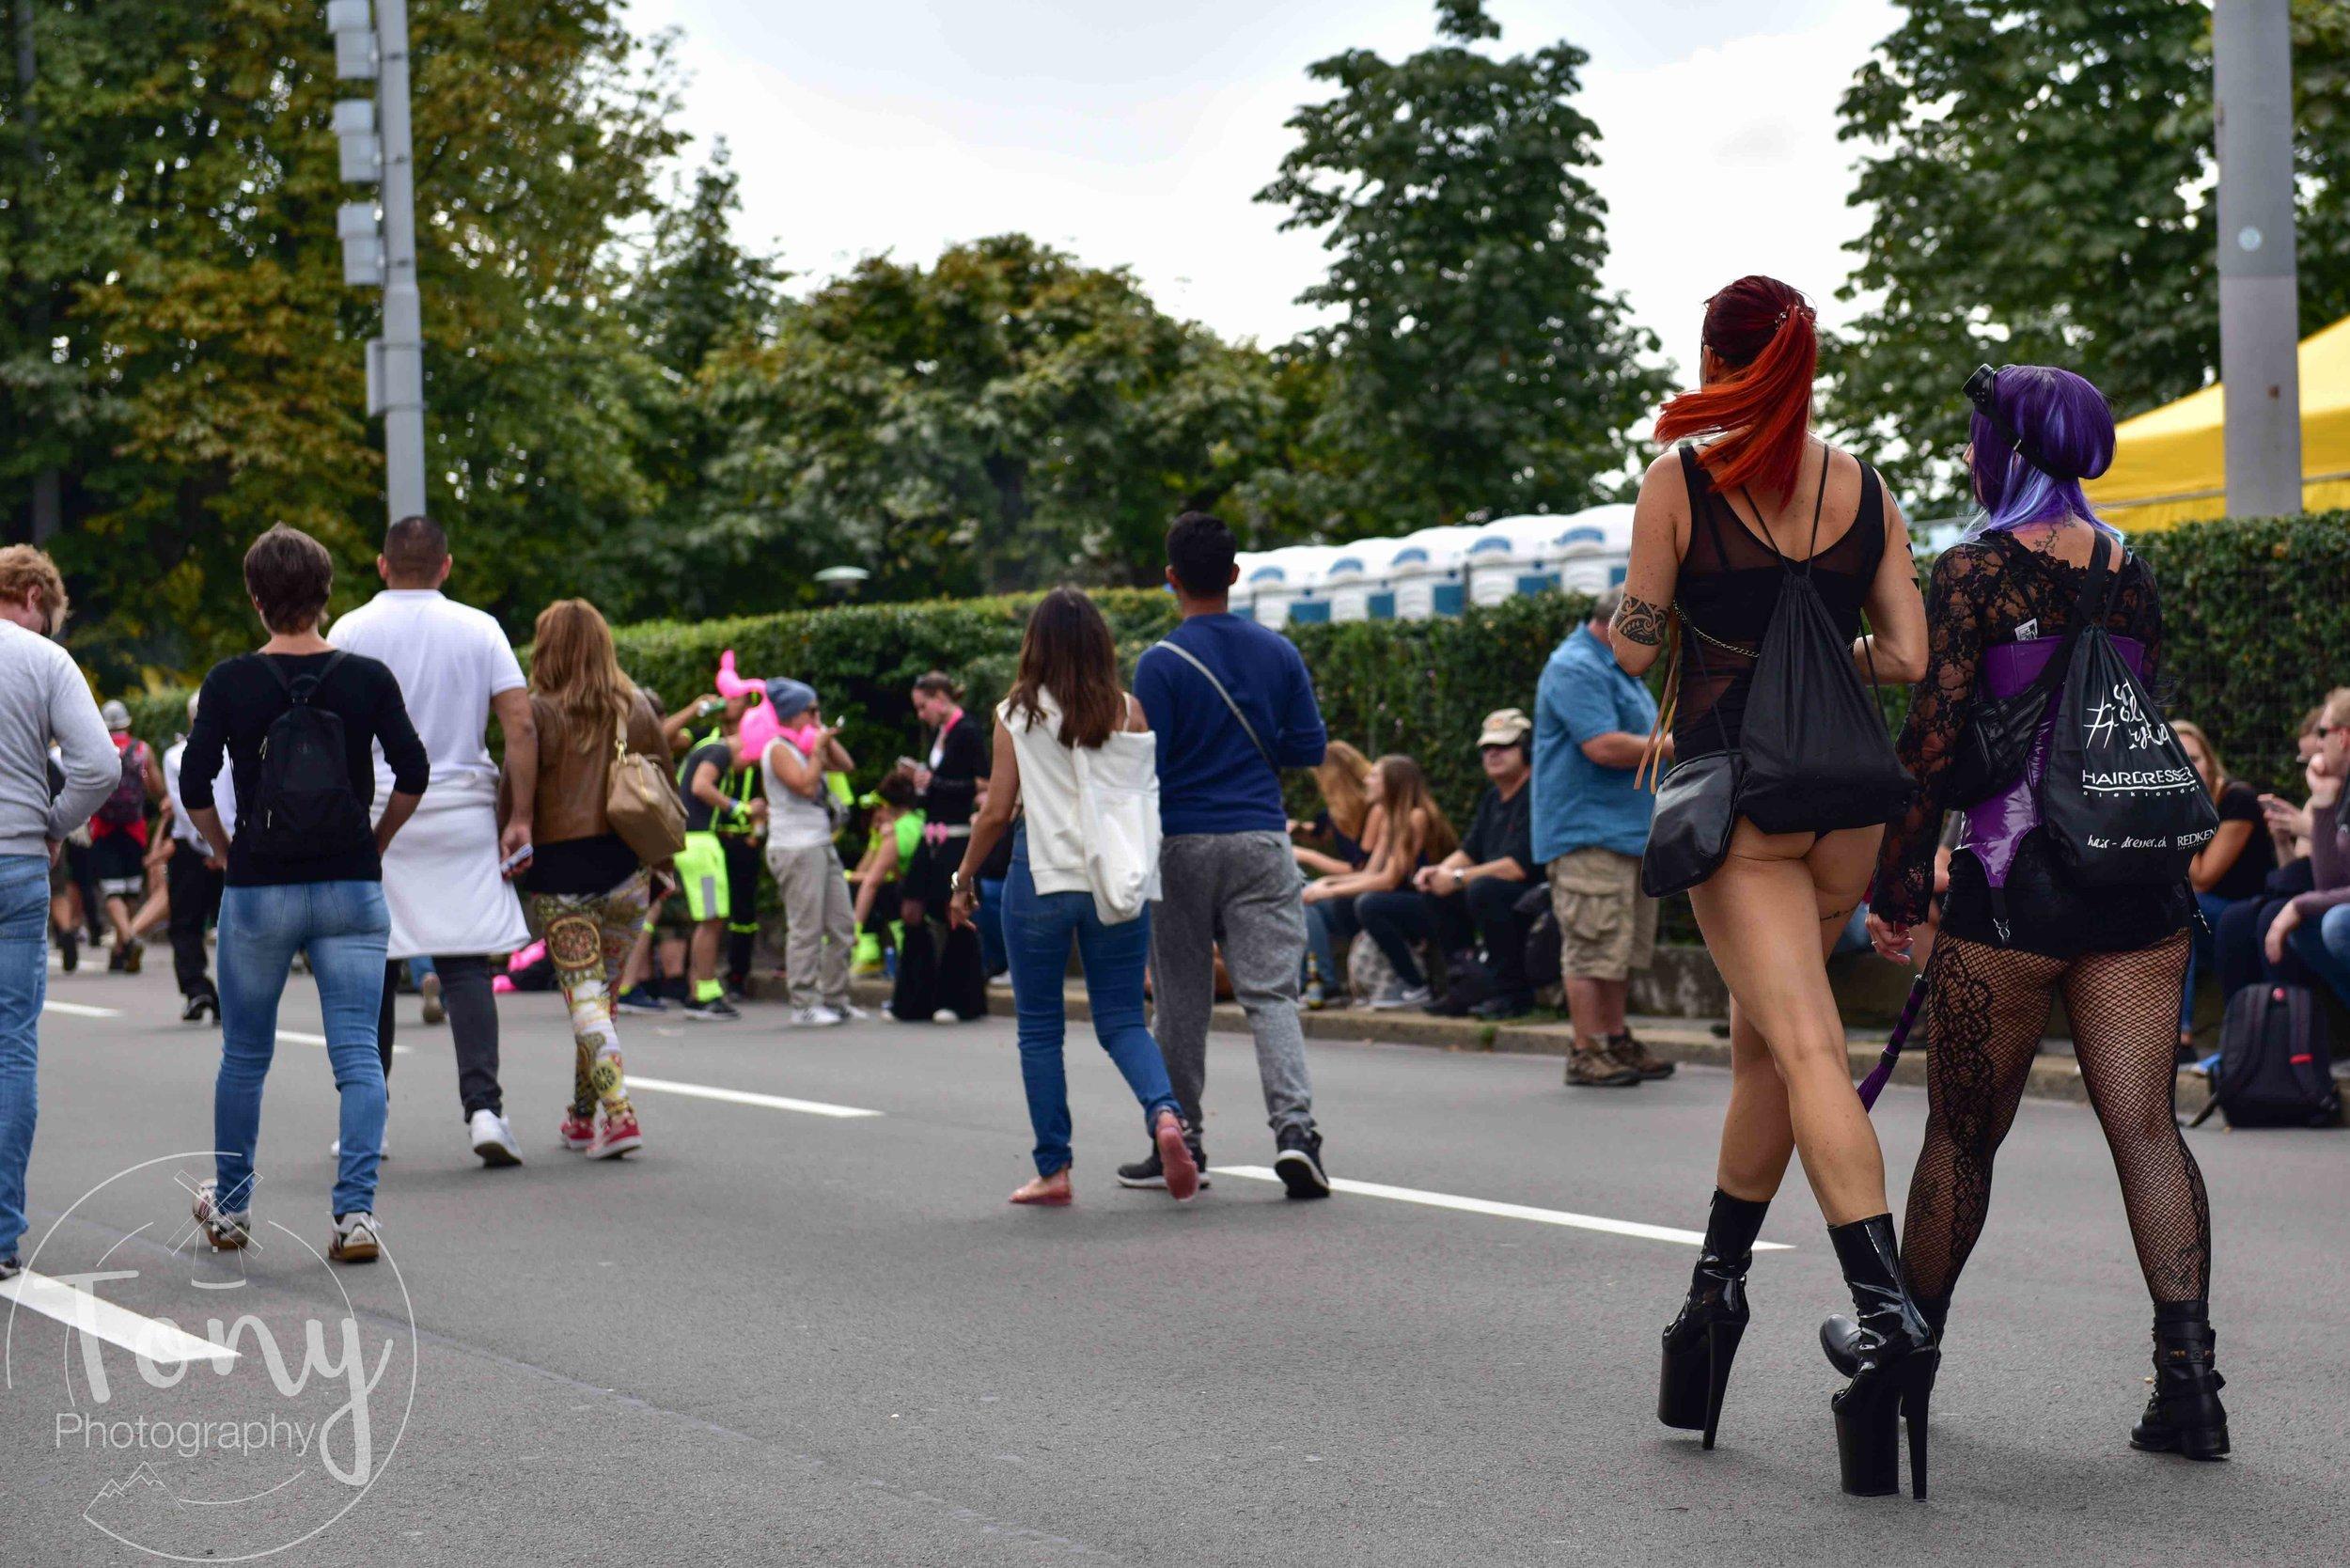 streetparade-14.jpg